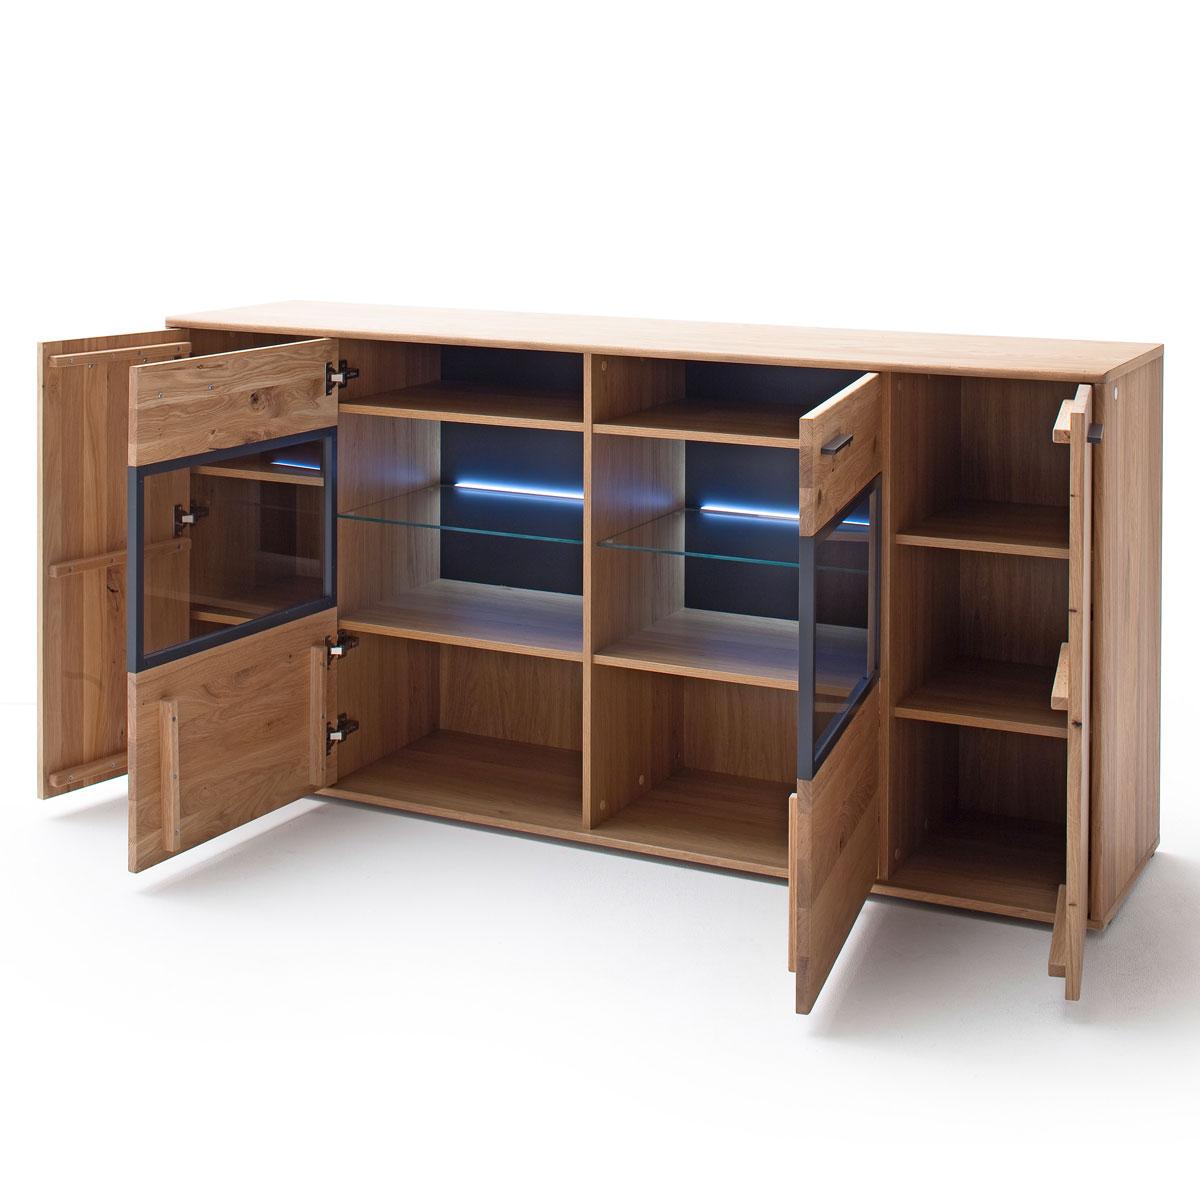 Mca Furniture Portland Sideboard Por17t01 Fur Ihr Wohnzimmer Oder Esszimmer Kommode Mit Zwei Turen Und Zwei